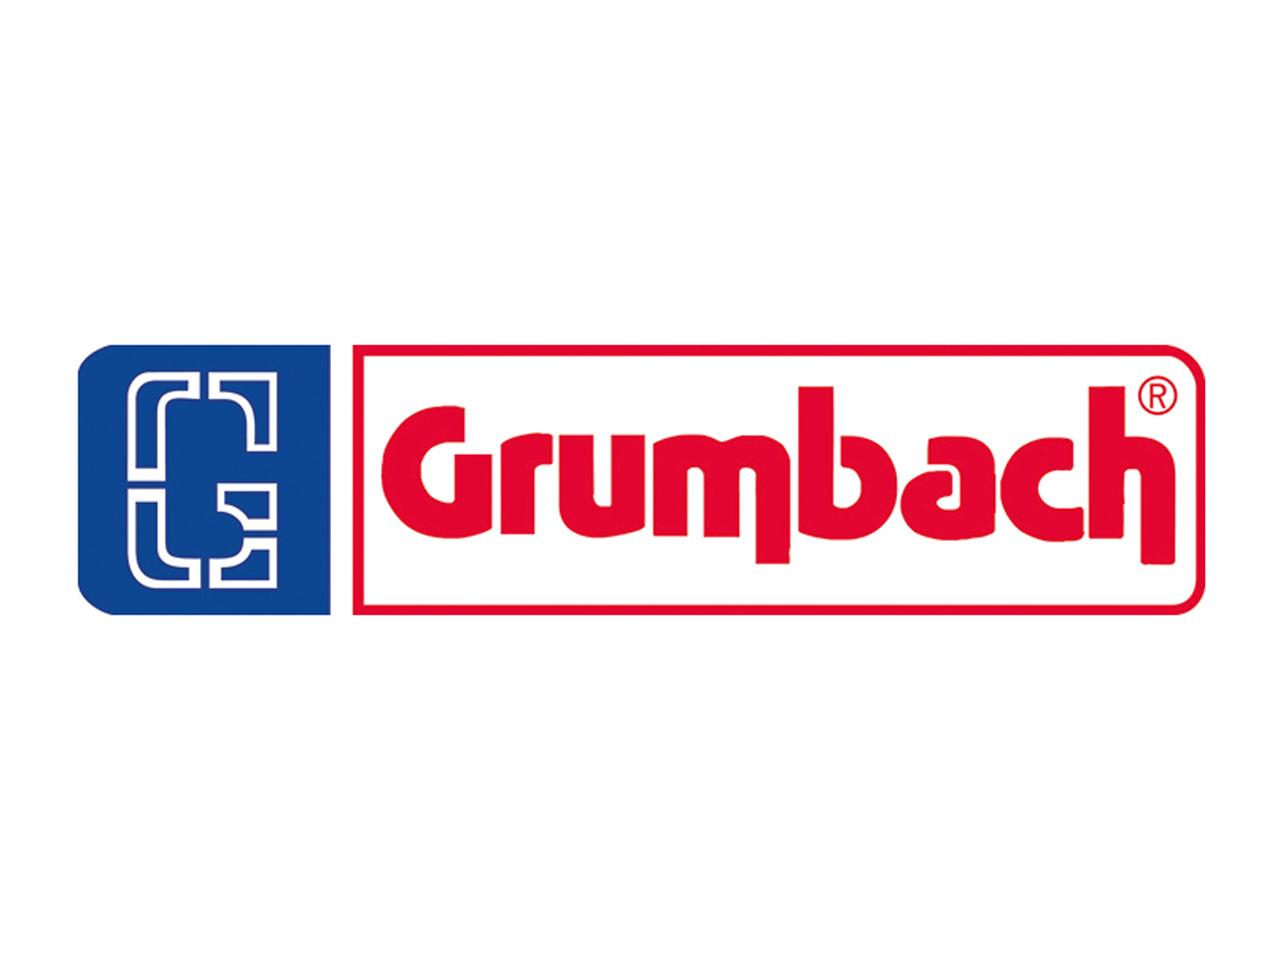 grumbach-logo